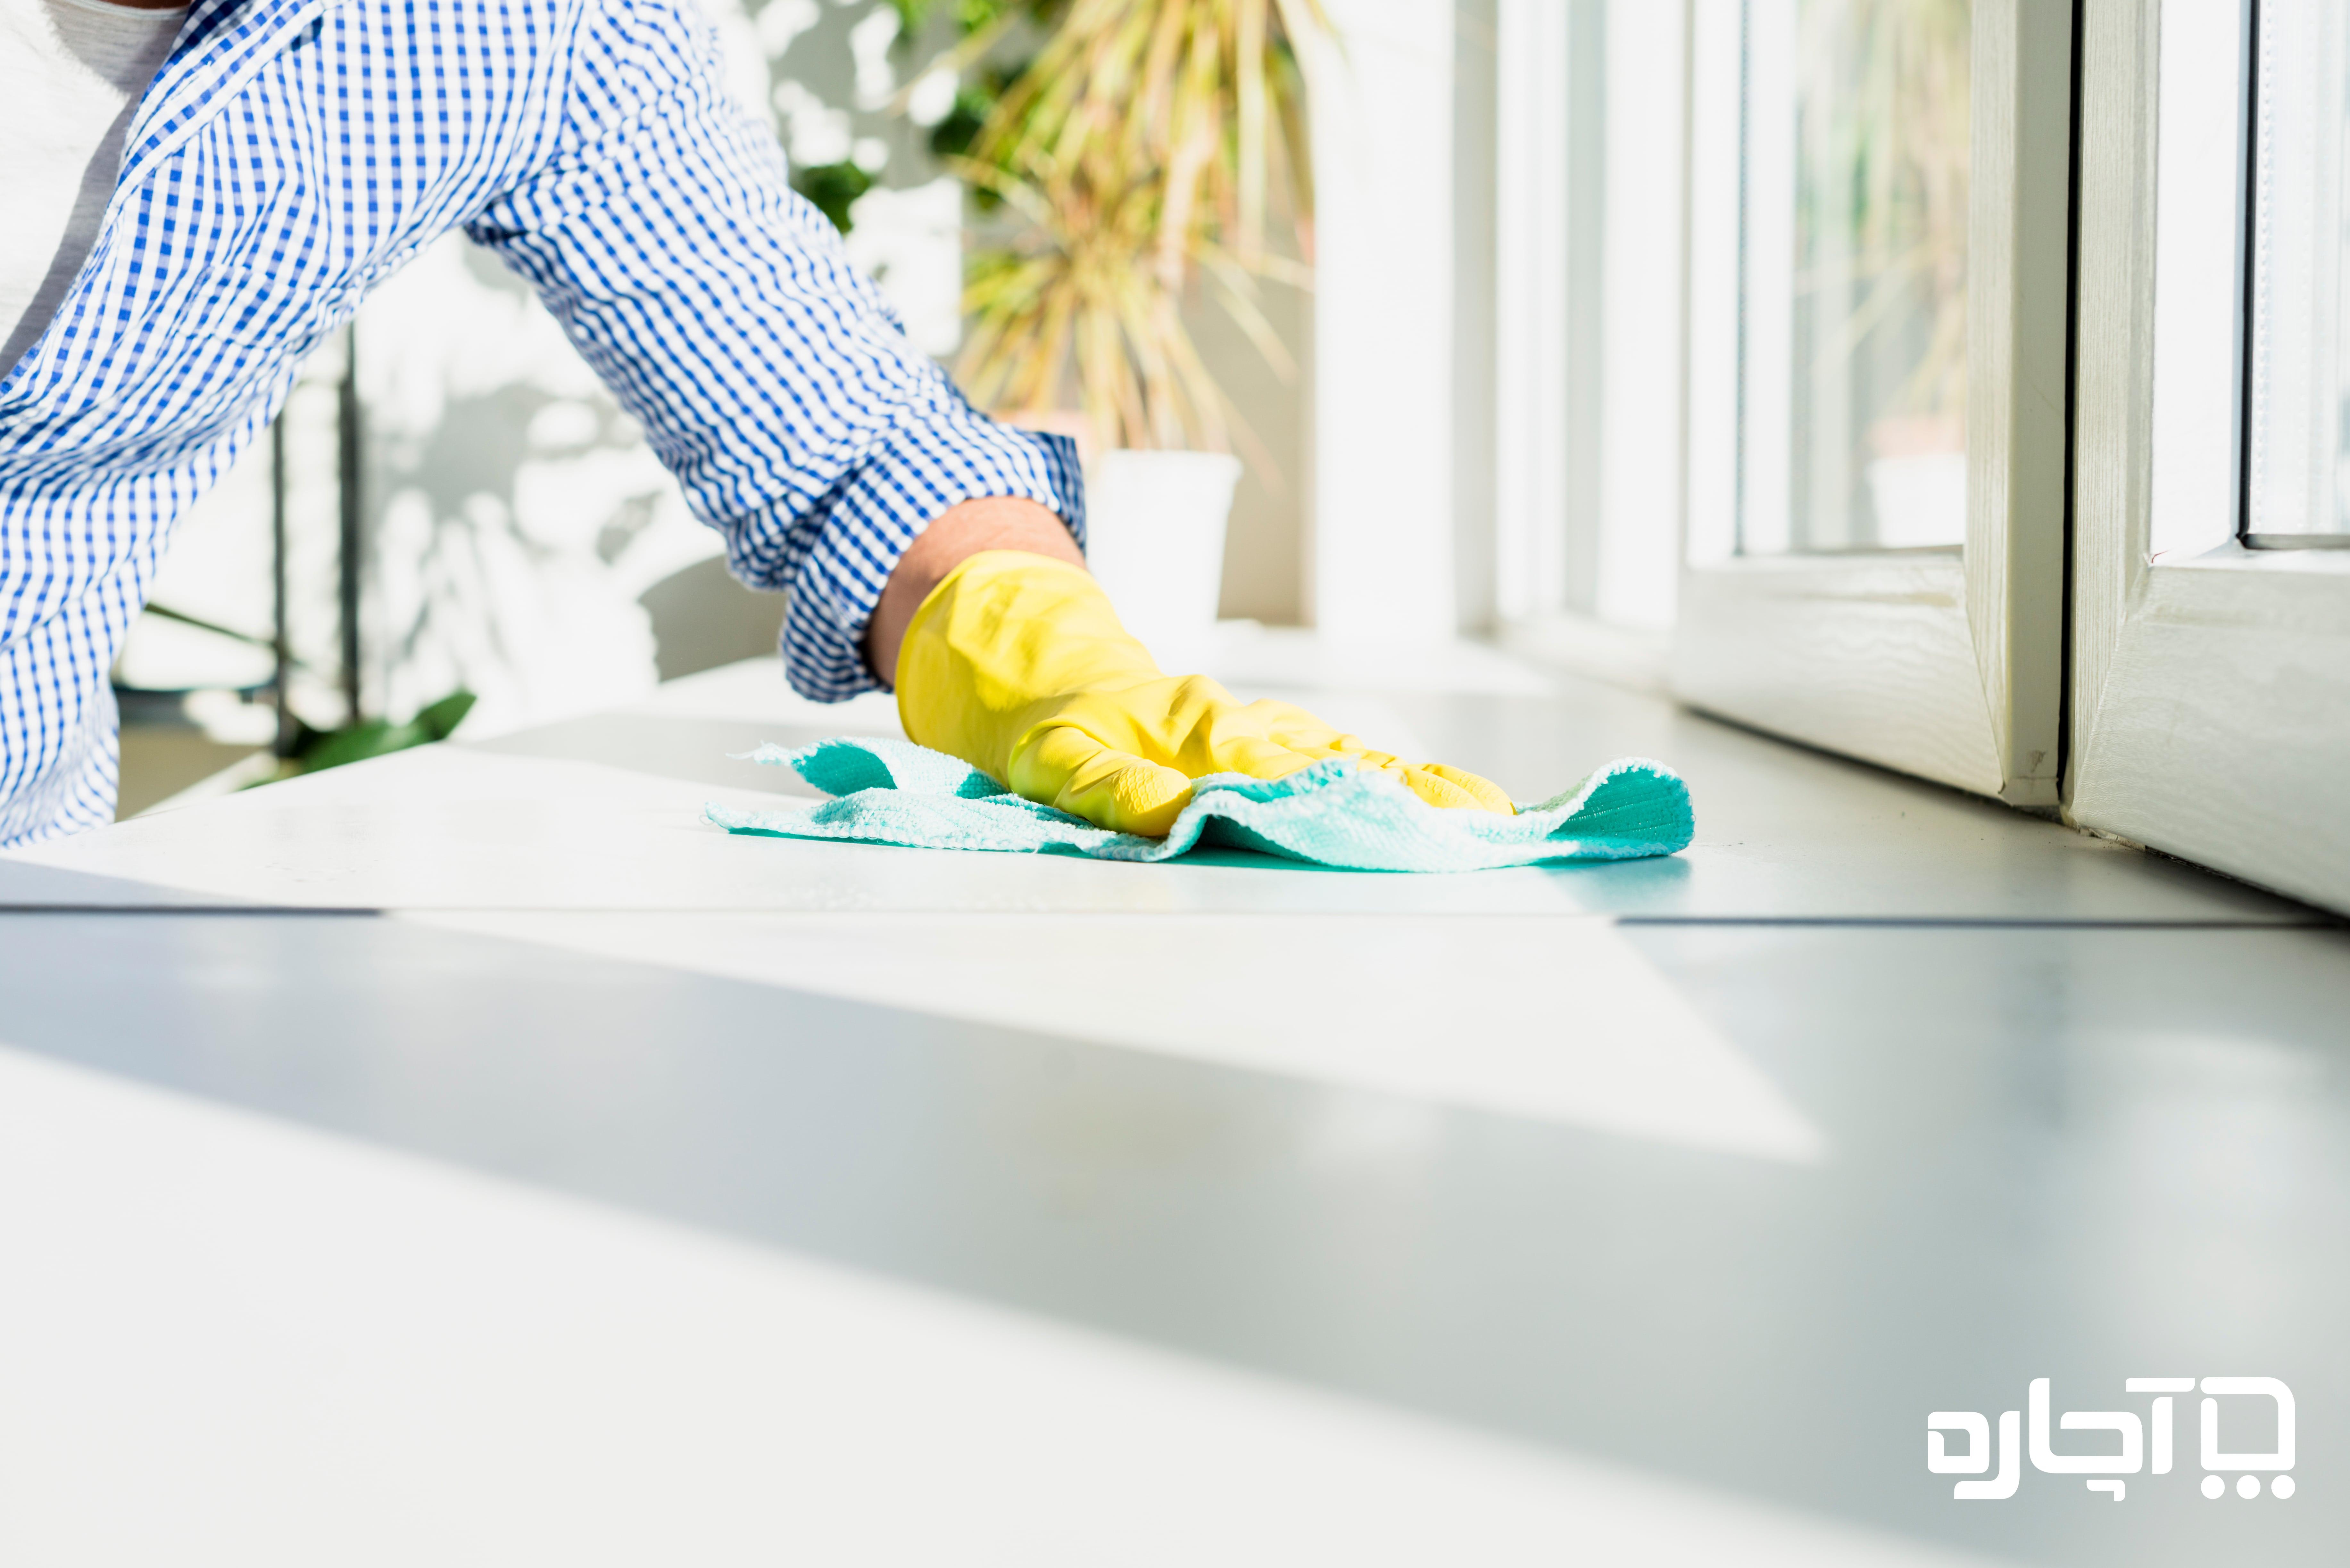 کارگر نظافت منزل خانم و آقا